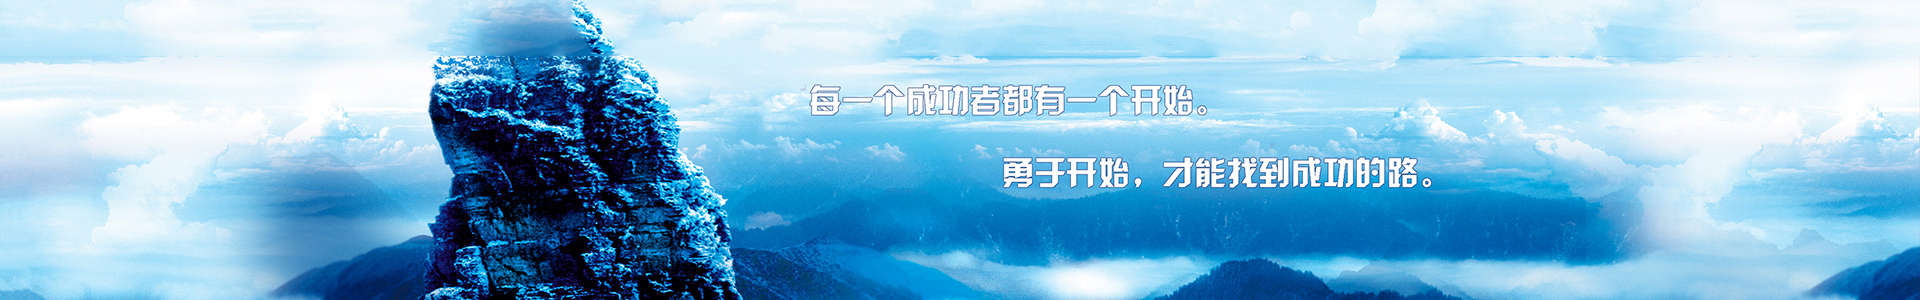 武汉pcb电路板